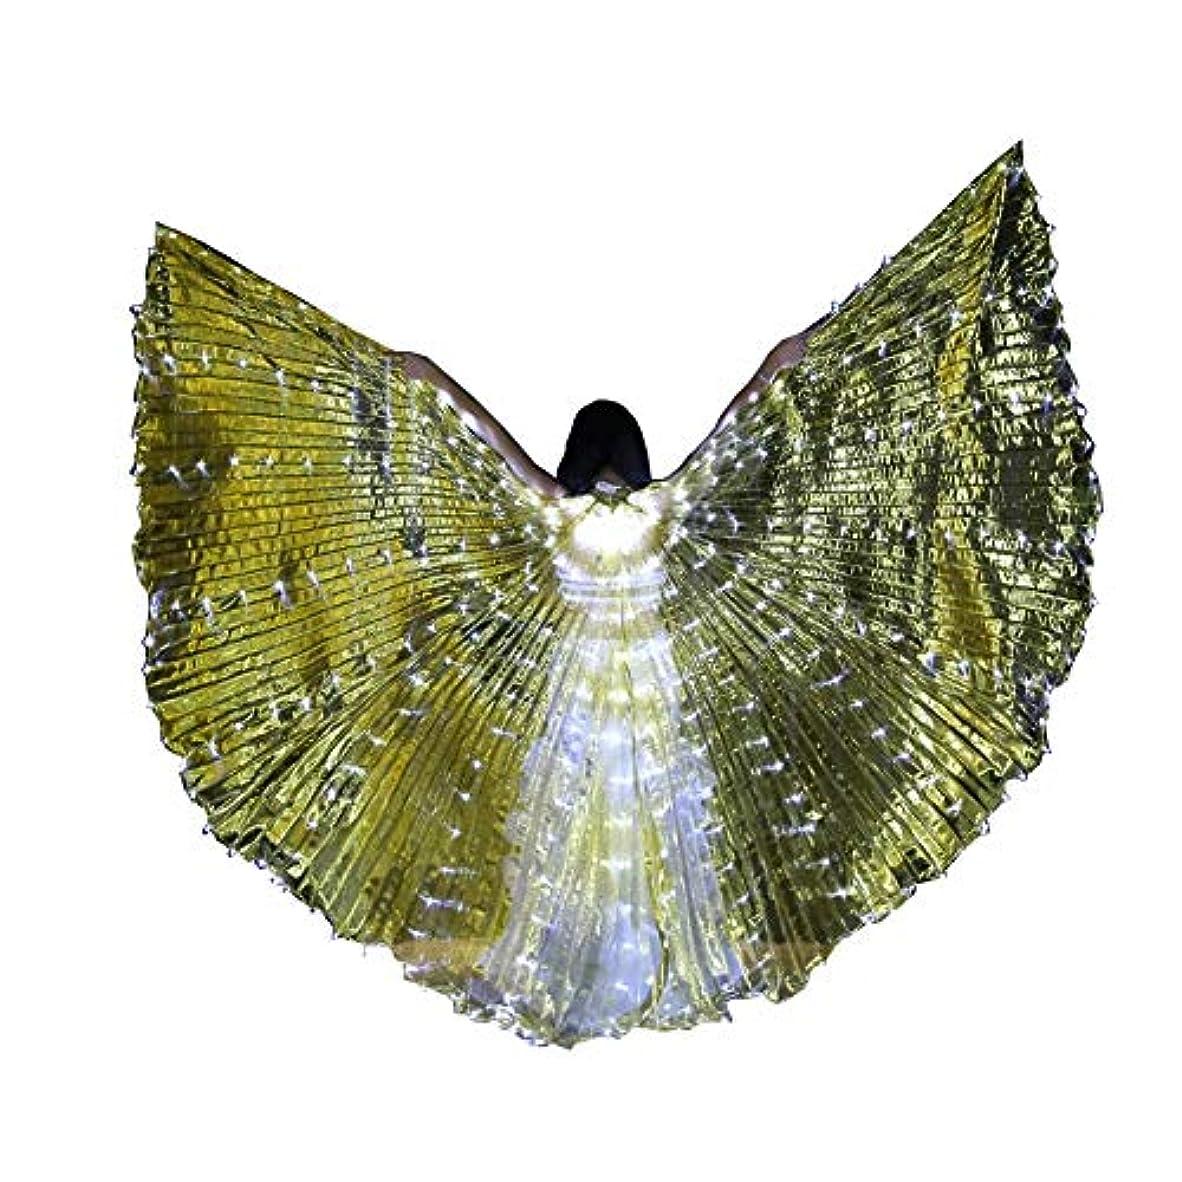 とげ潮晴れスティック/ロッドとLEDイシスウイングアダルト玉虫色ベリーダンスパフォーマンスパーティーABellyダンスLEDイシスウイング (Color : Transparent gold)